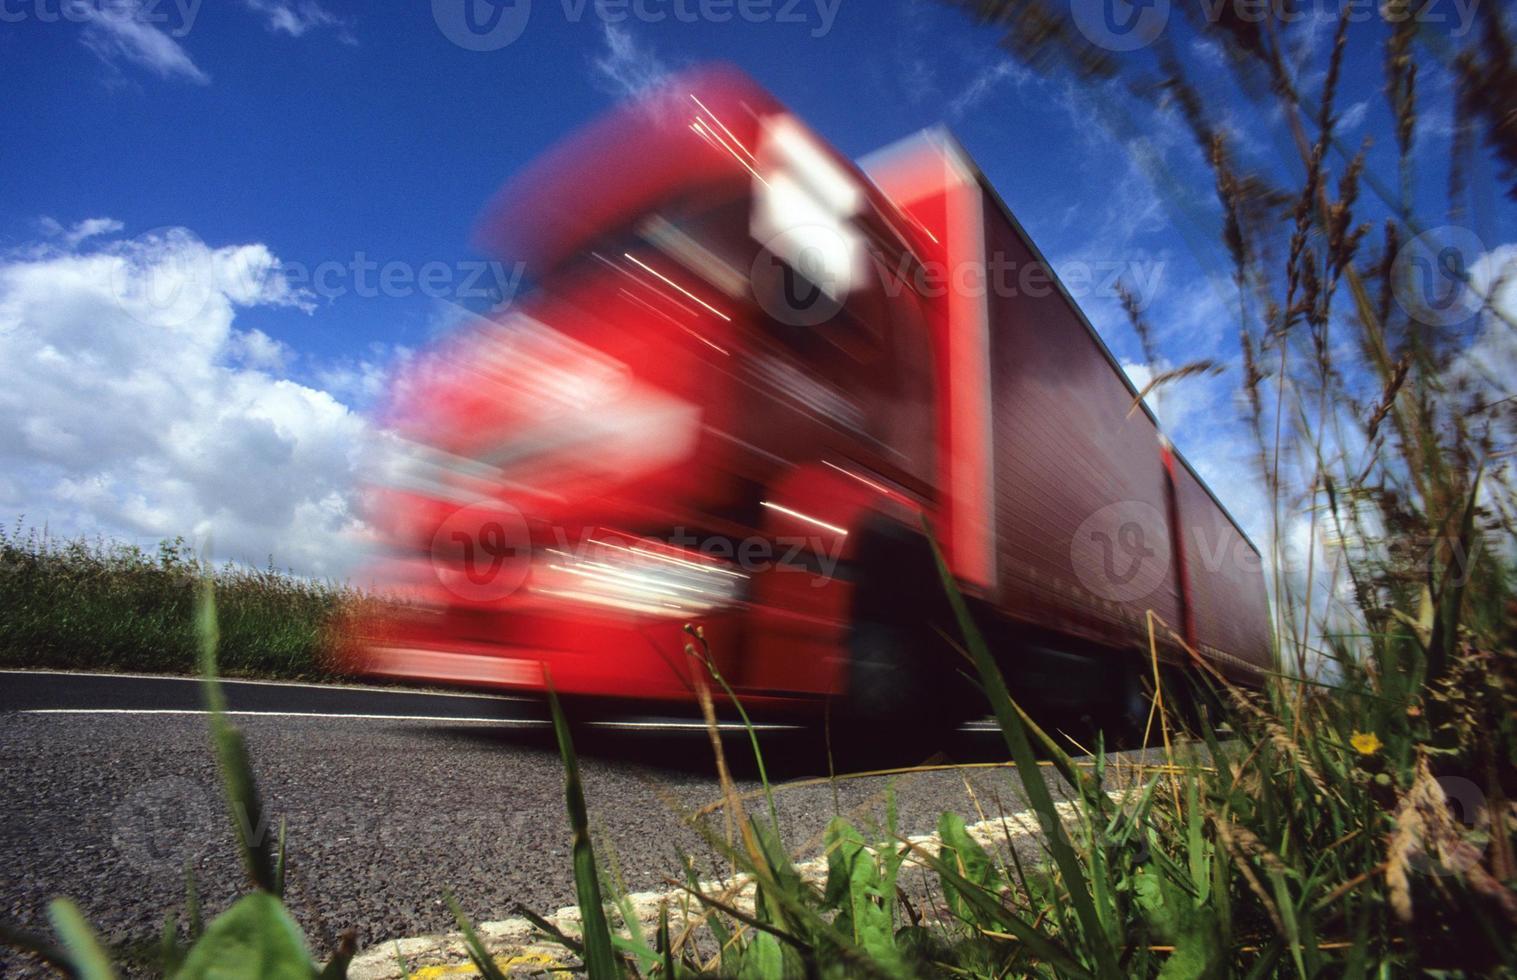 vermes olho vista de caminhão viajando na estrada secundária uk foto